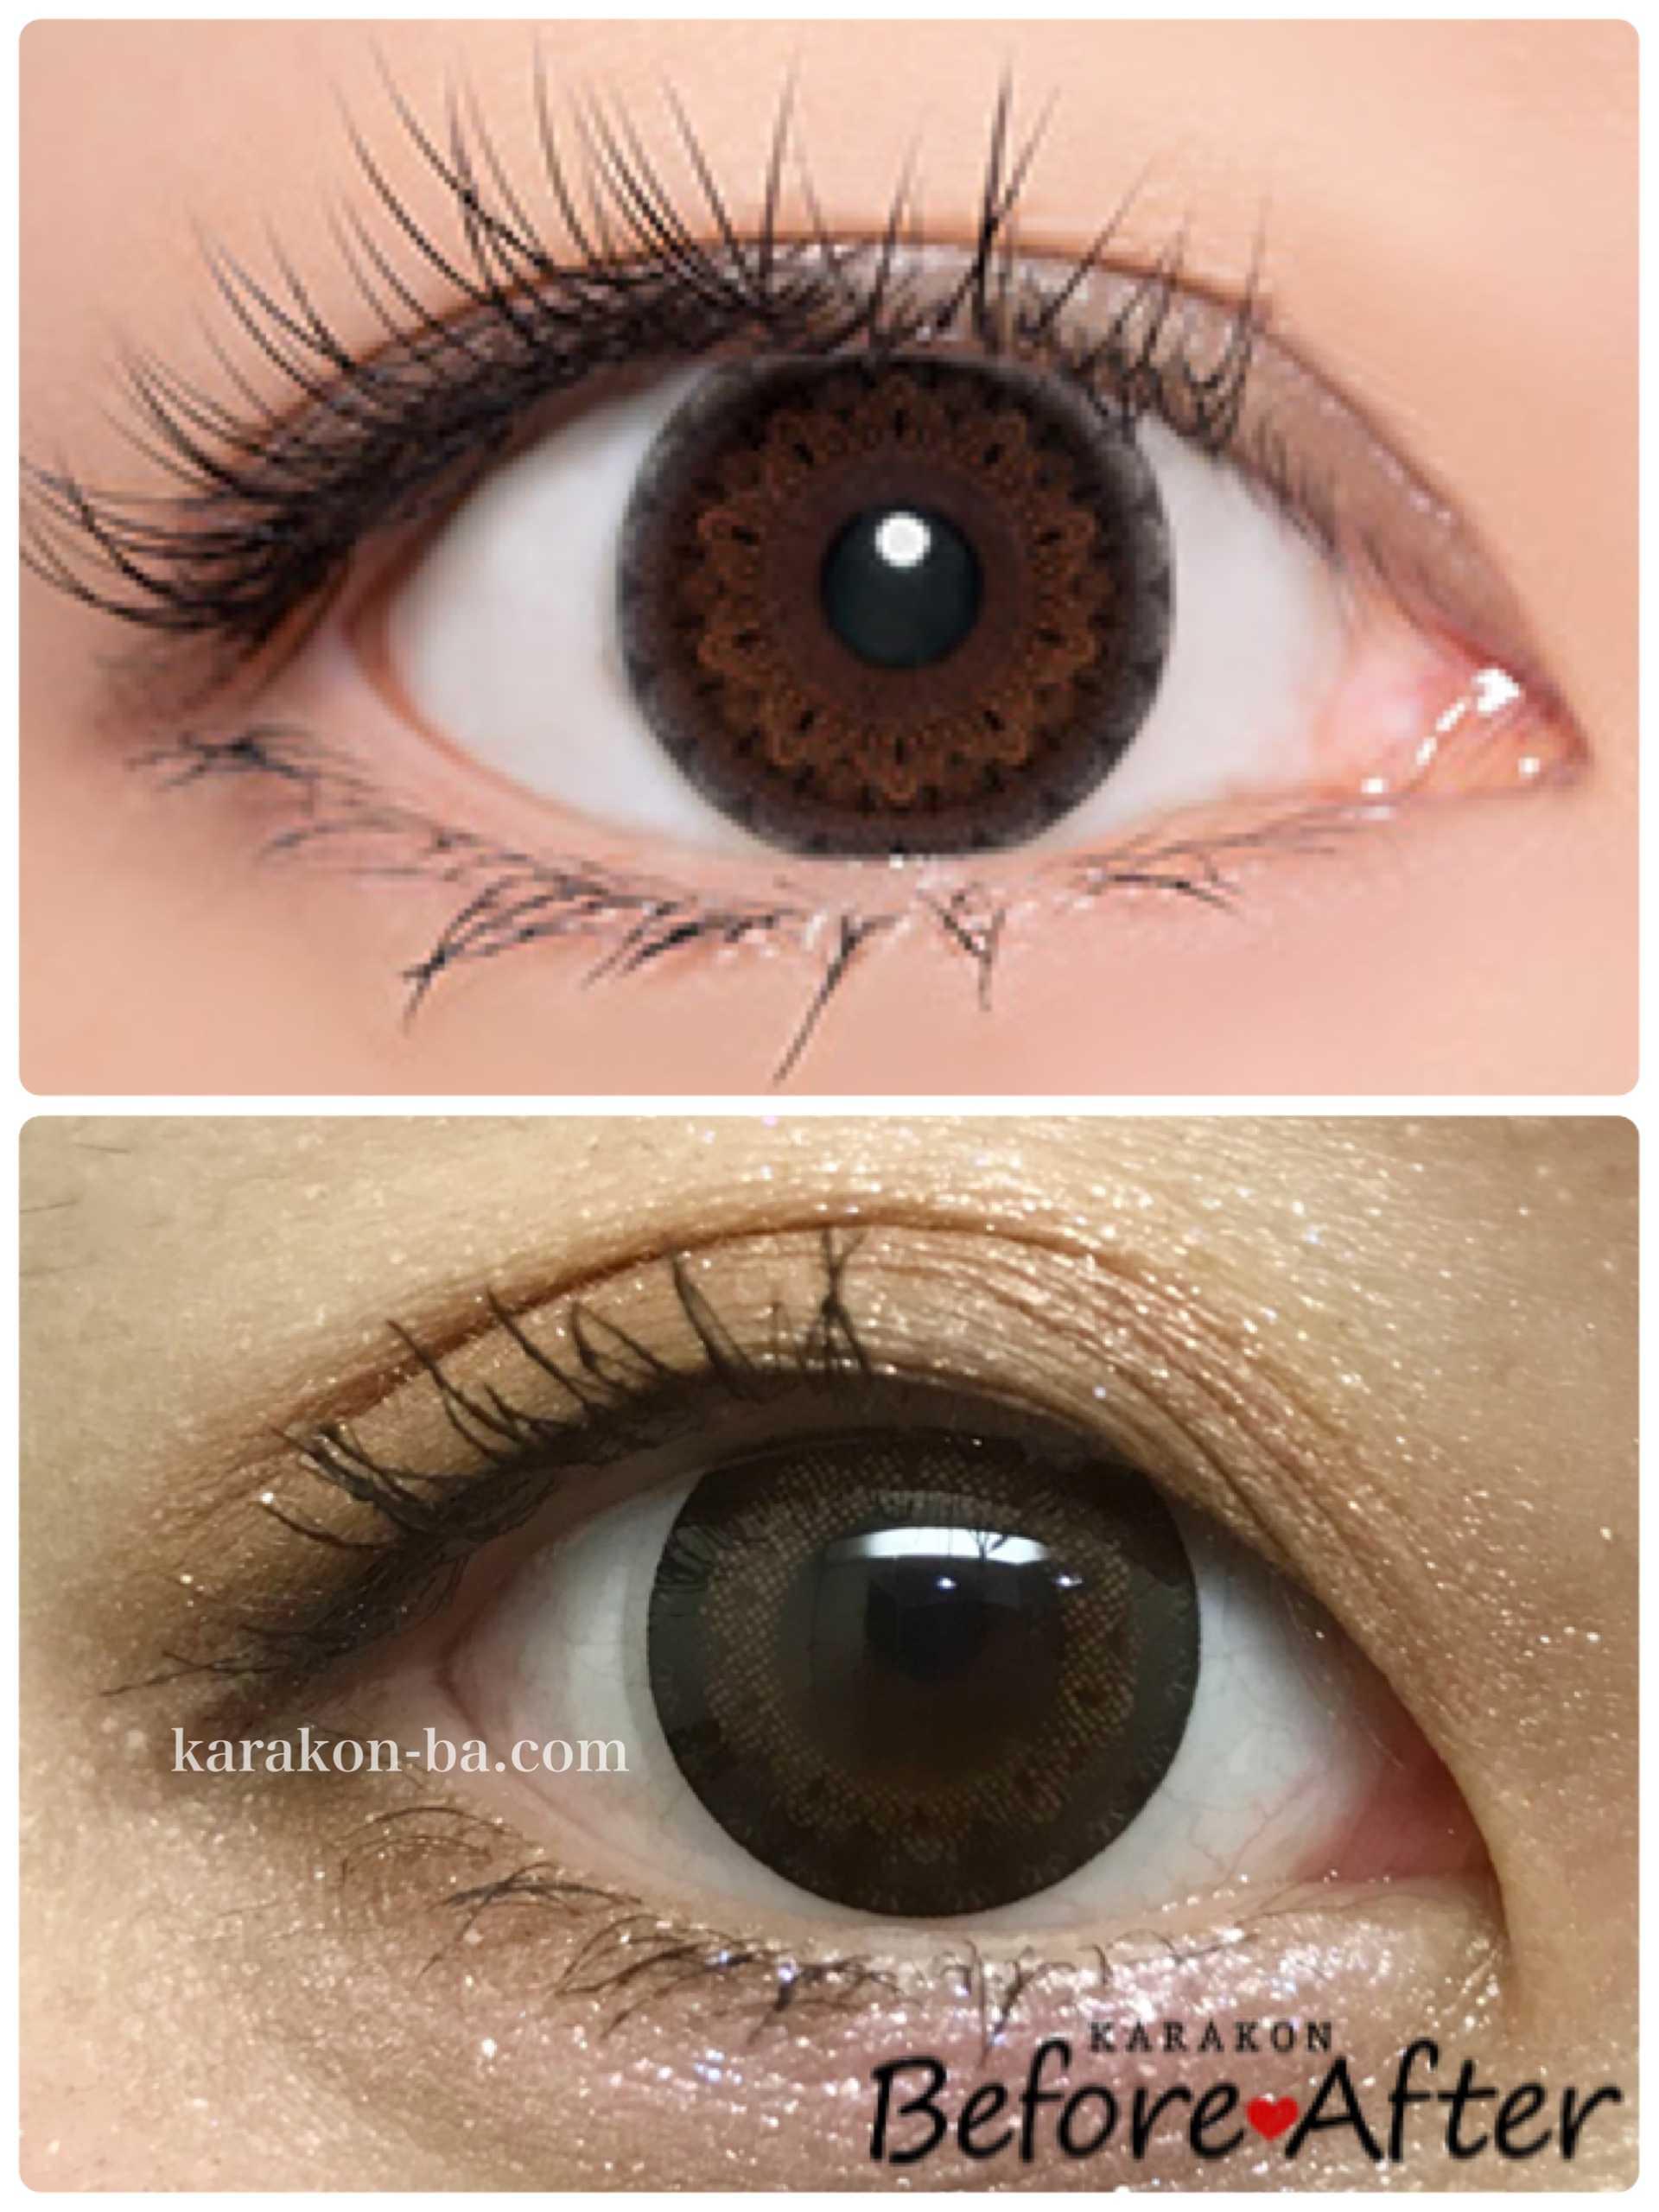 実際に使ってみたCalme Dor(キャレムドール)ブラウン+ブラックと公式のカラコン装着画像を比較